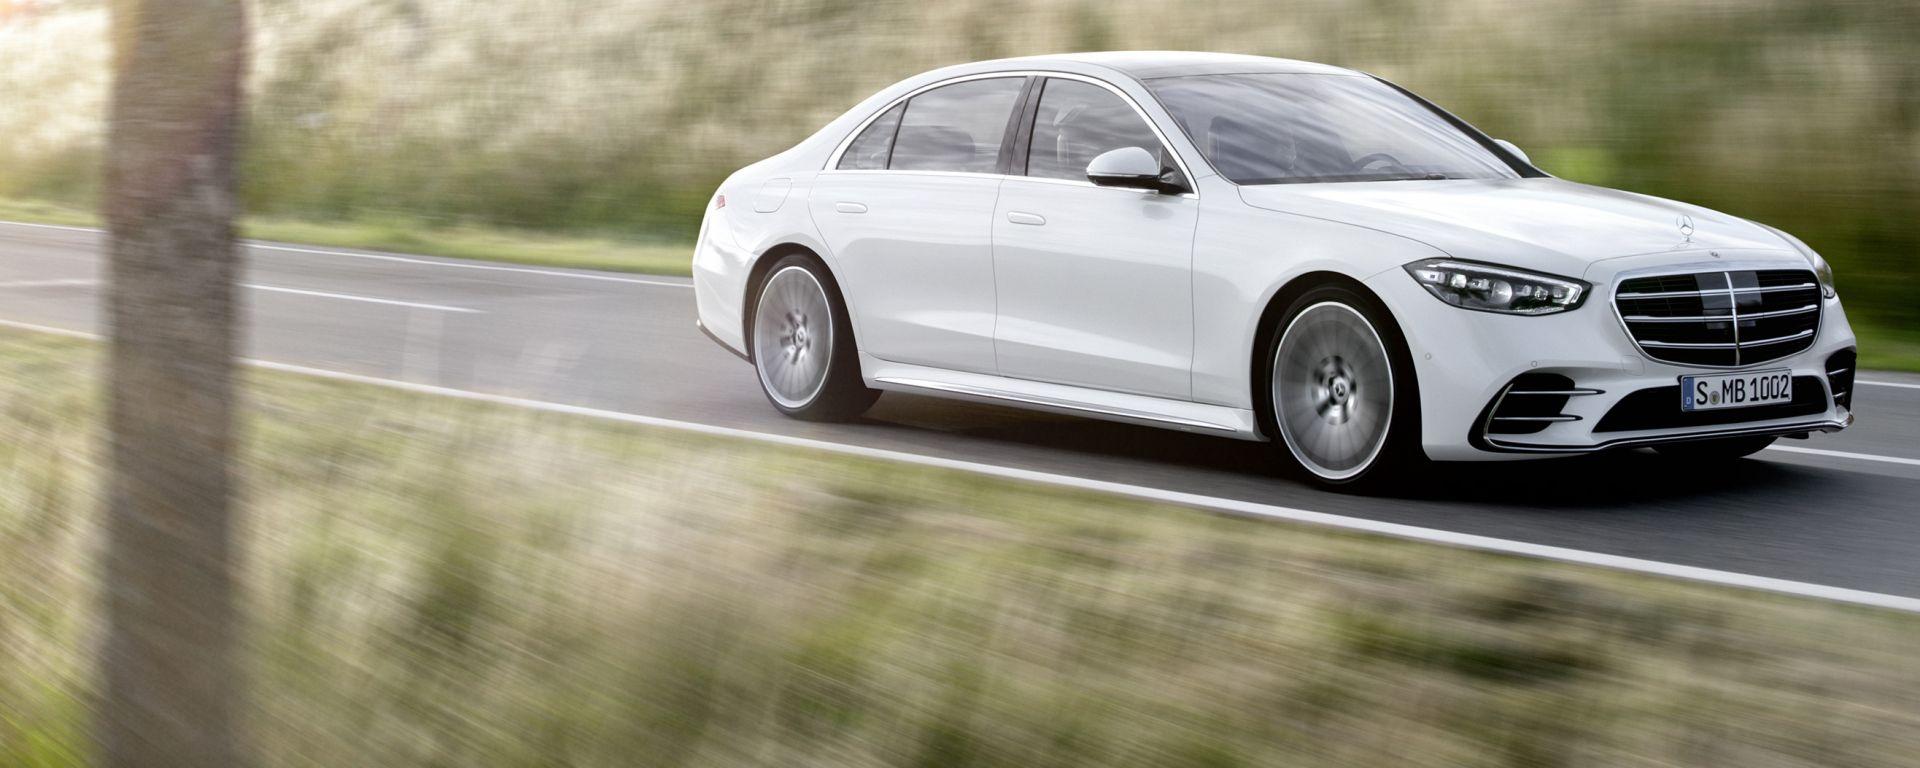 Nuova Mercedes Classe S: lusso e tecnologia all'ennesima potenza